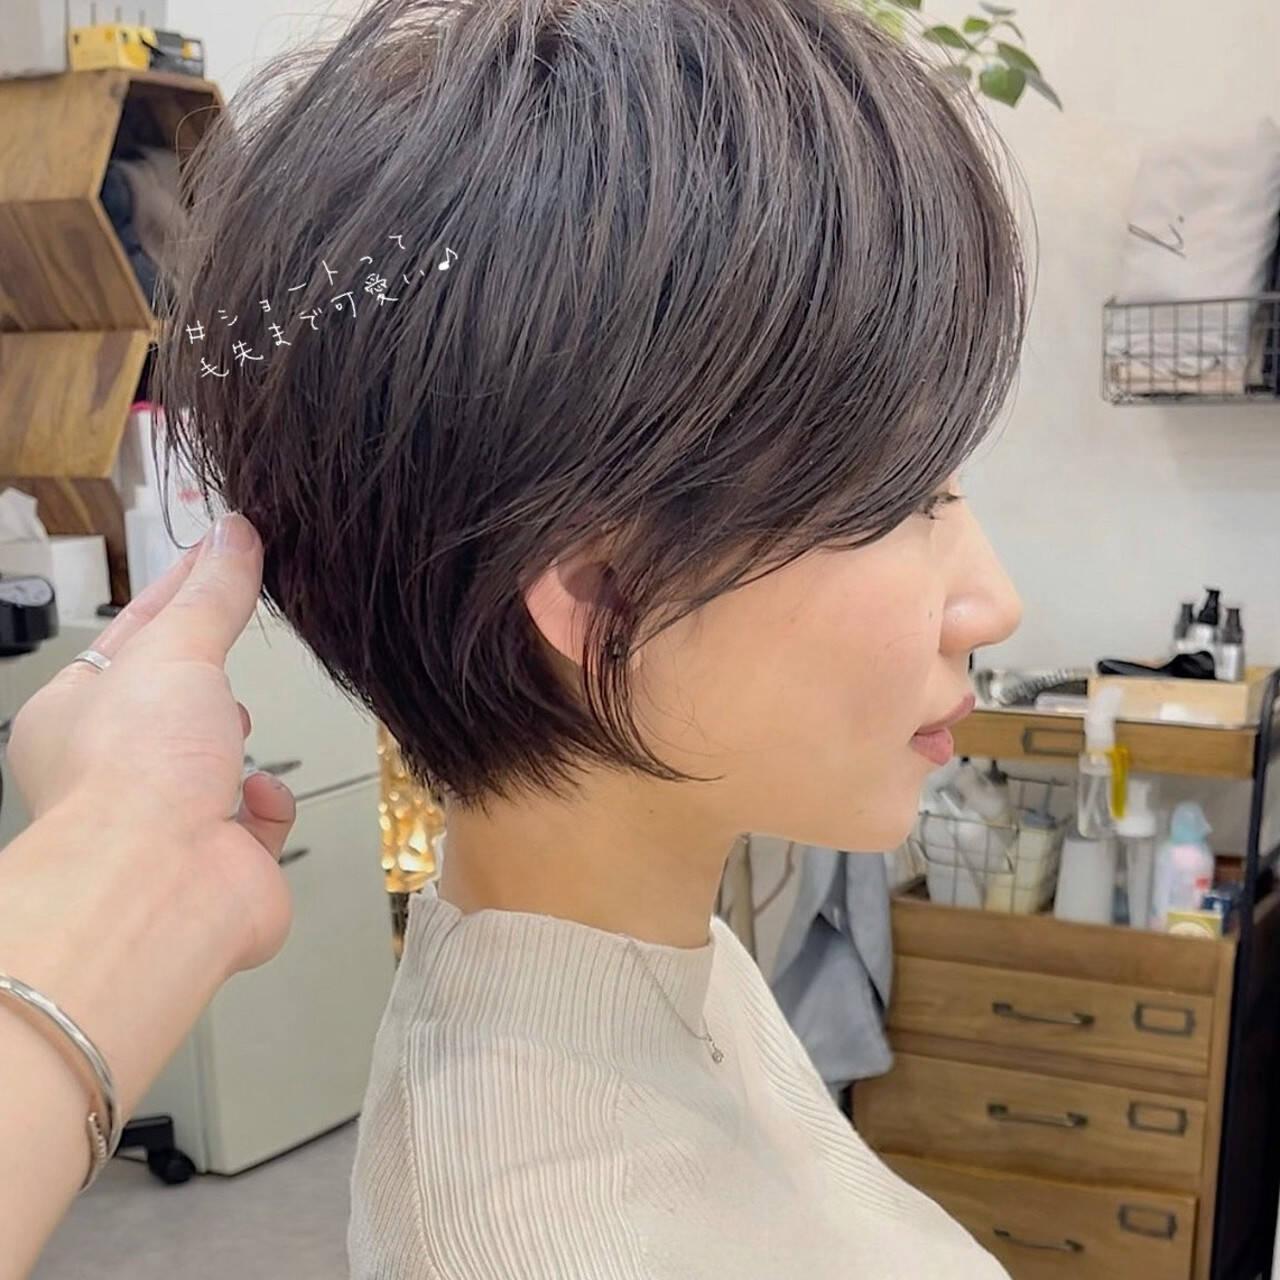 ショートヘア ショートカット ミニボブ ショートヘアスタイルや髪型の写真・画像